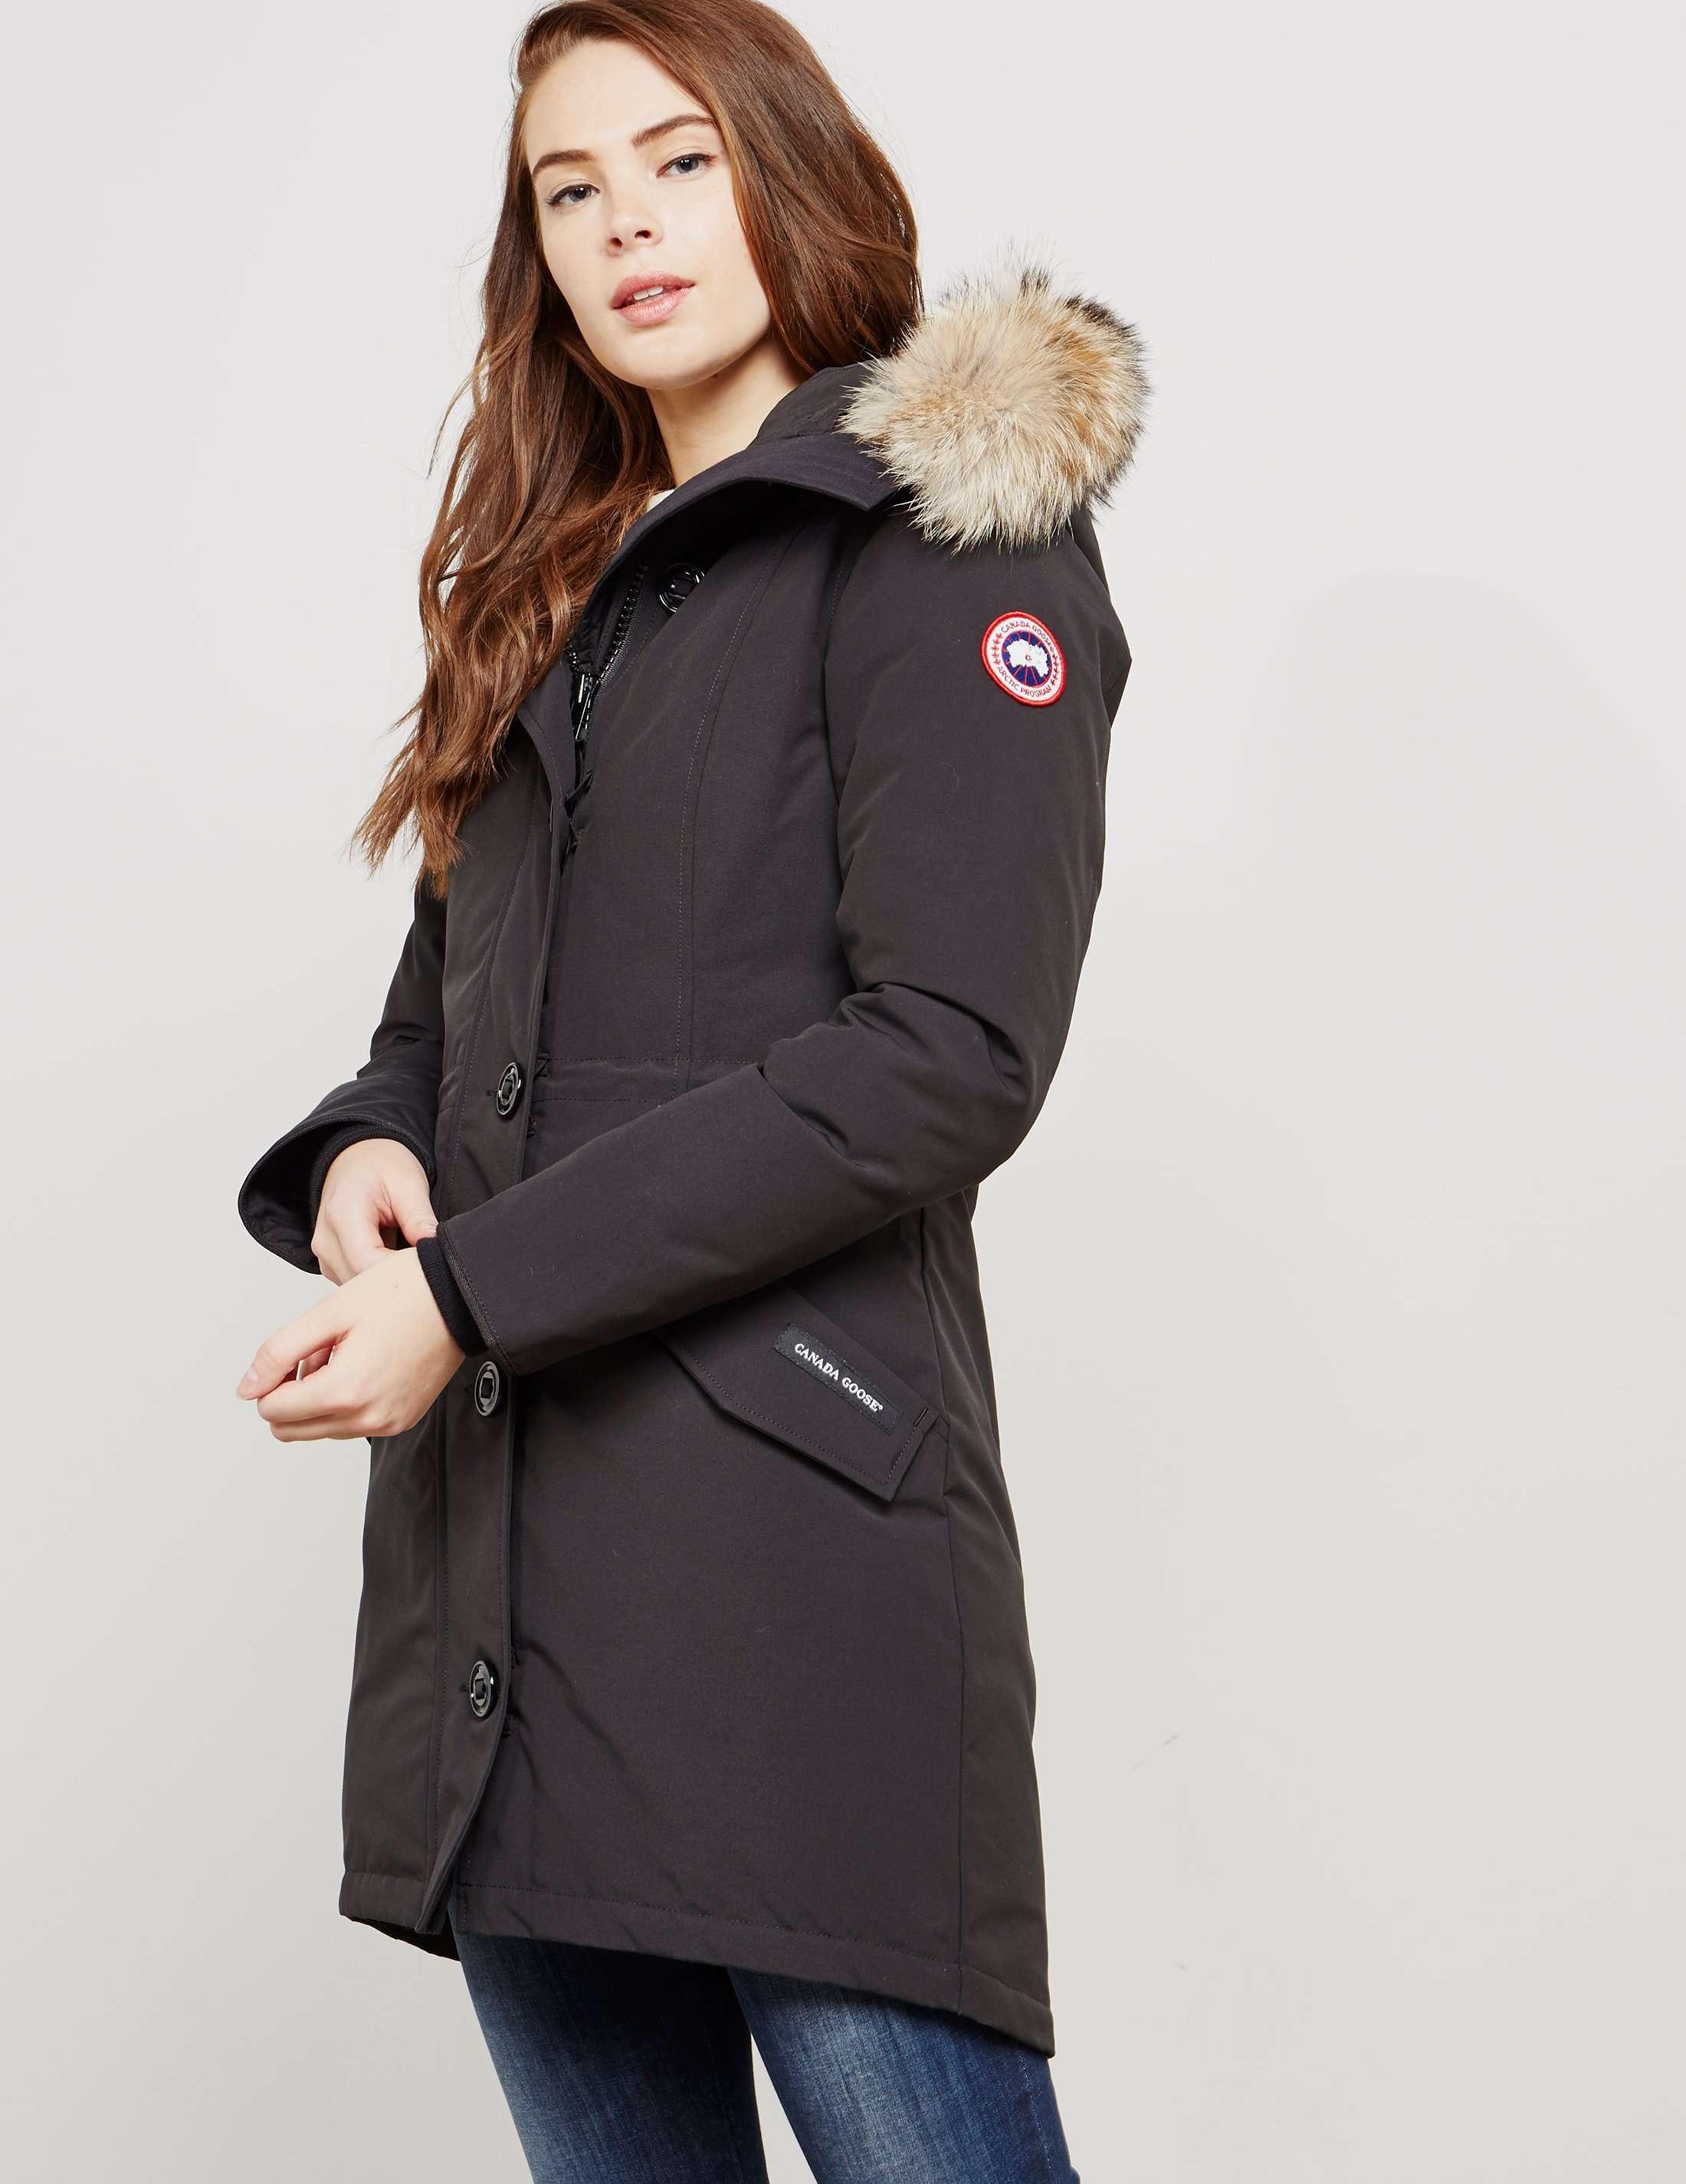 womens canada goose coats